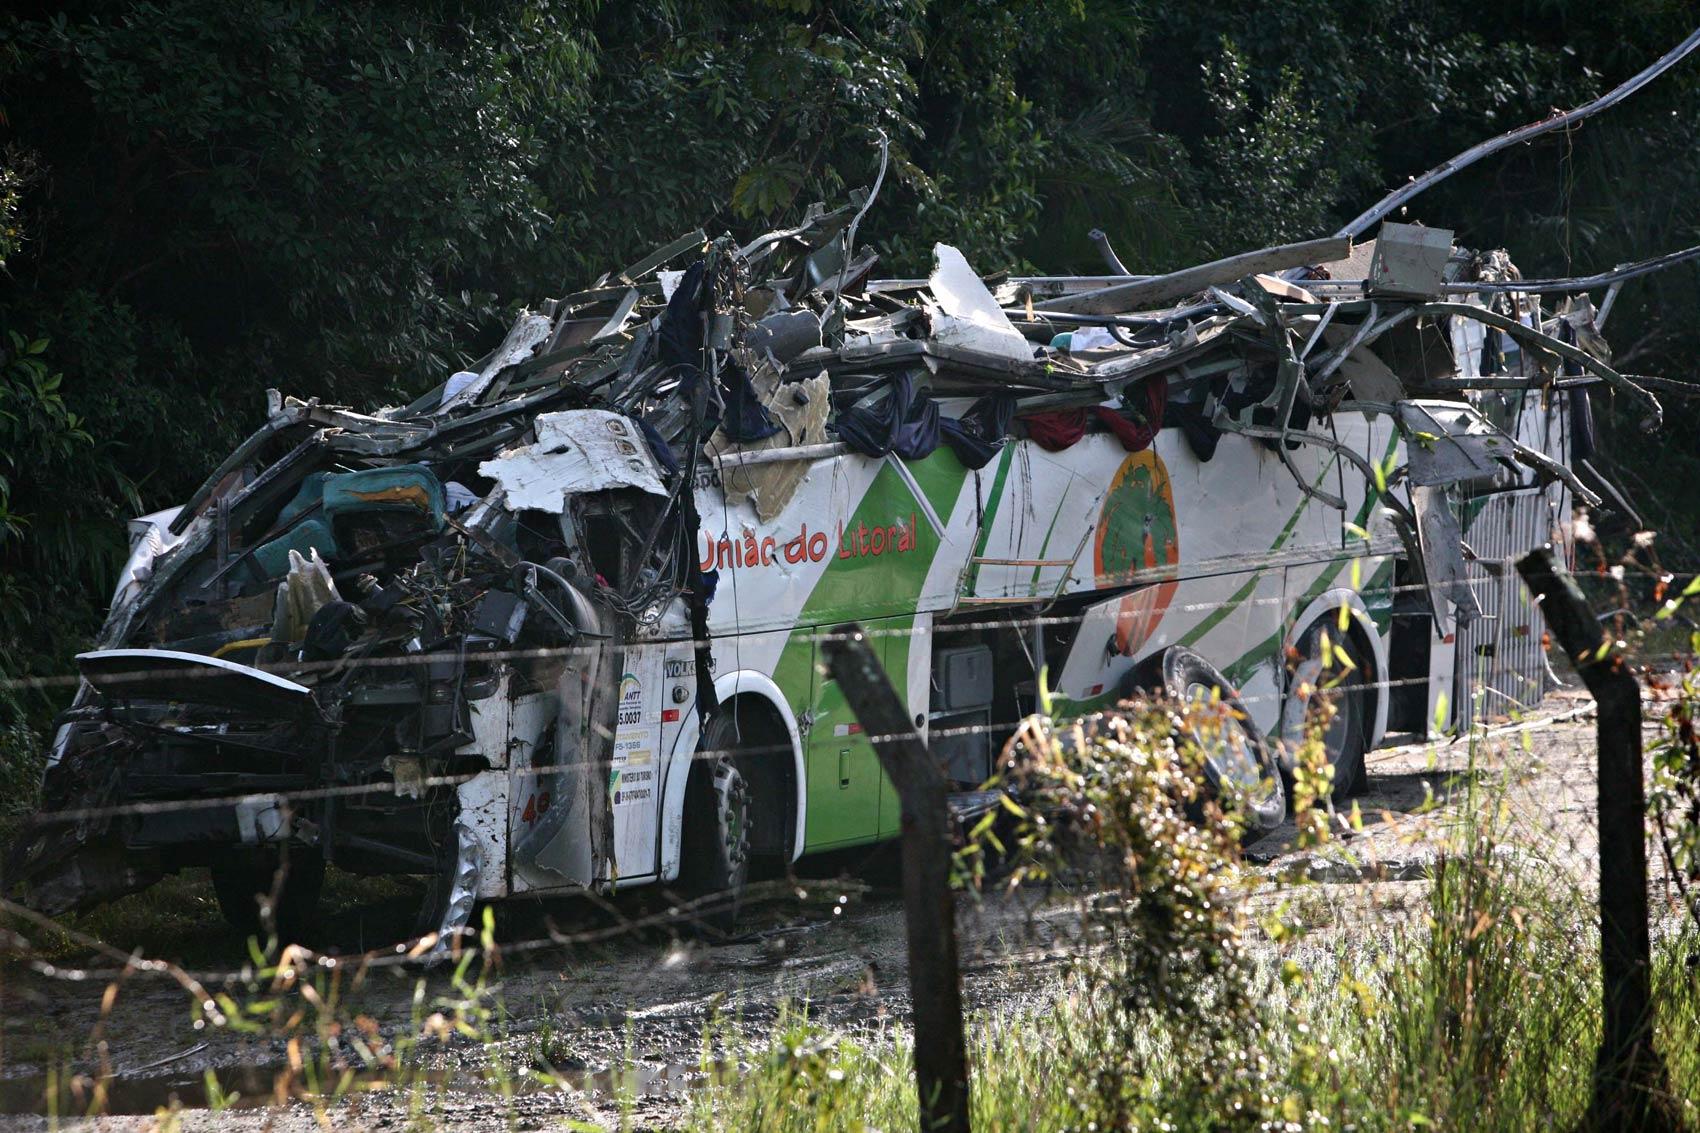 Carcaça destruída do ônibus acidentado à noite é vista após ser retirada do local onde parou à beira da pista na rodovia Mogi-Bertioga, na manhã desta quinta-feira (9), na divisa entre Mogi das Cruzes e Bertioga (SP)